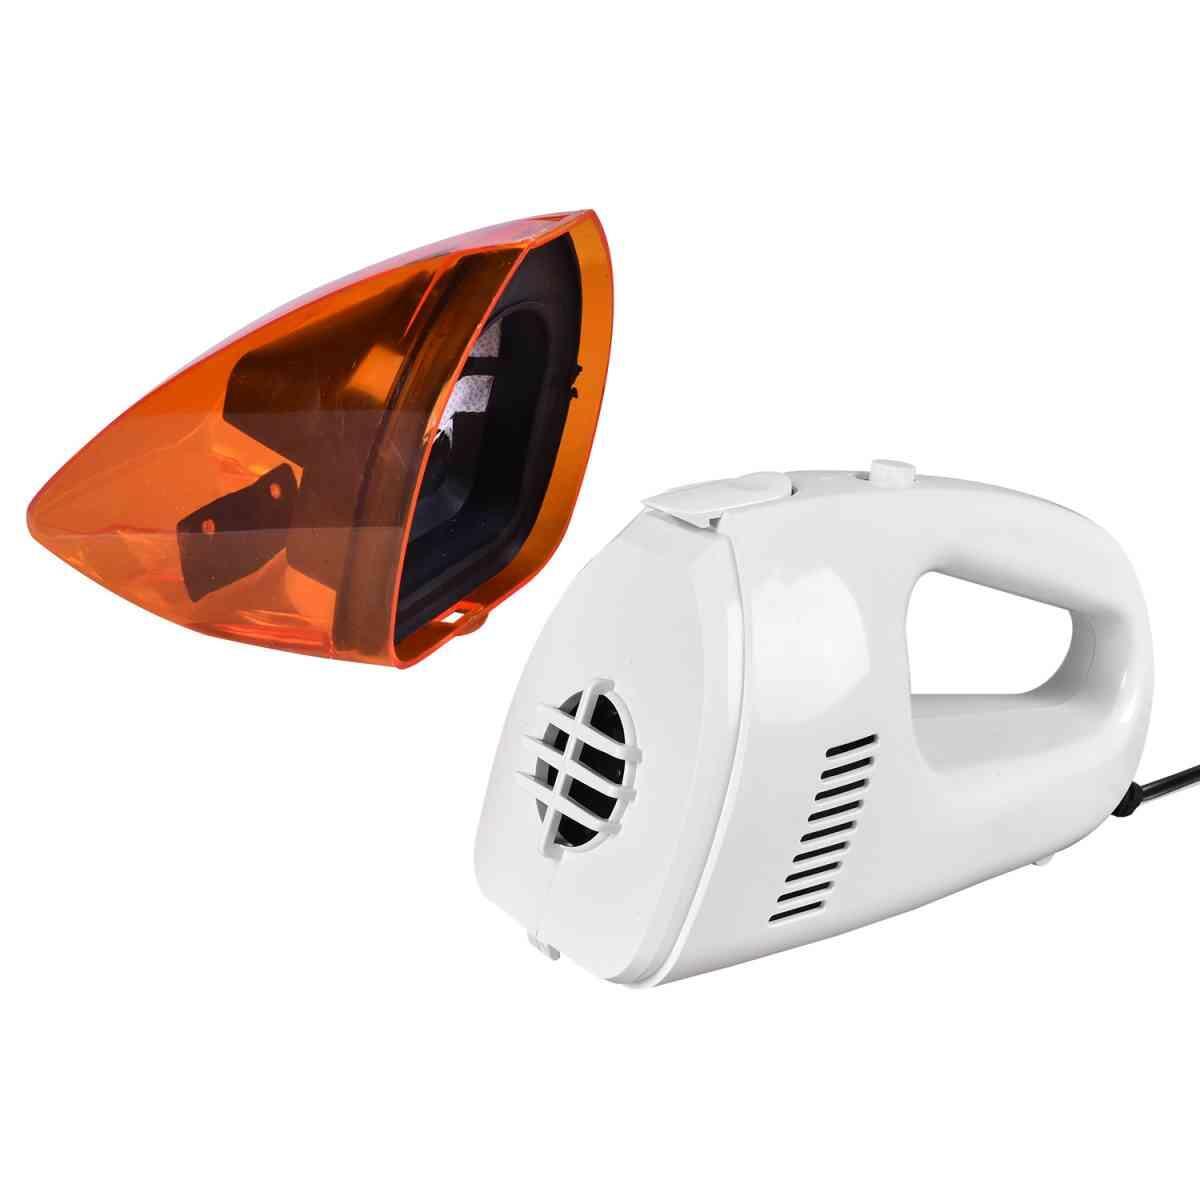 Lavadora de Alta Pressão 1700W Wap Premier - 220V + Aspirador de Pó Mini 12V WapCar Wap